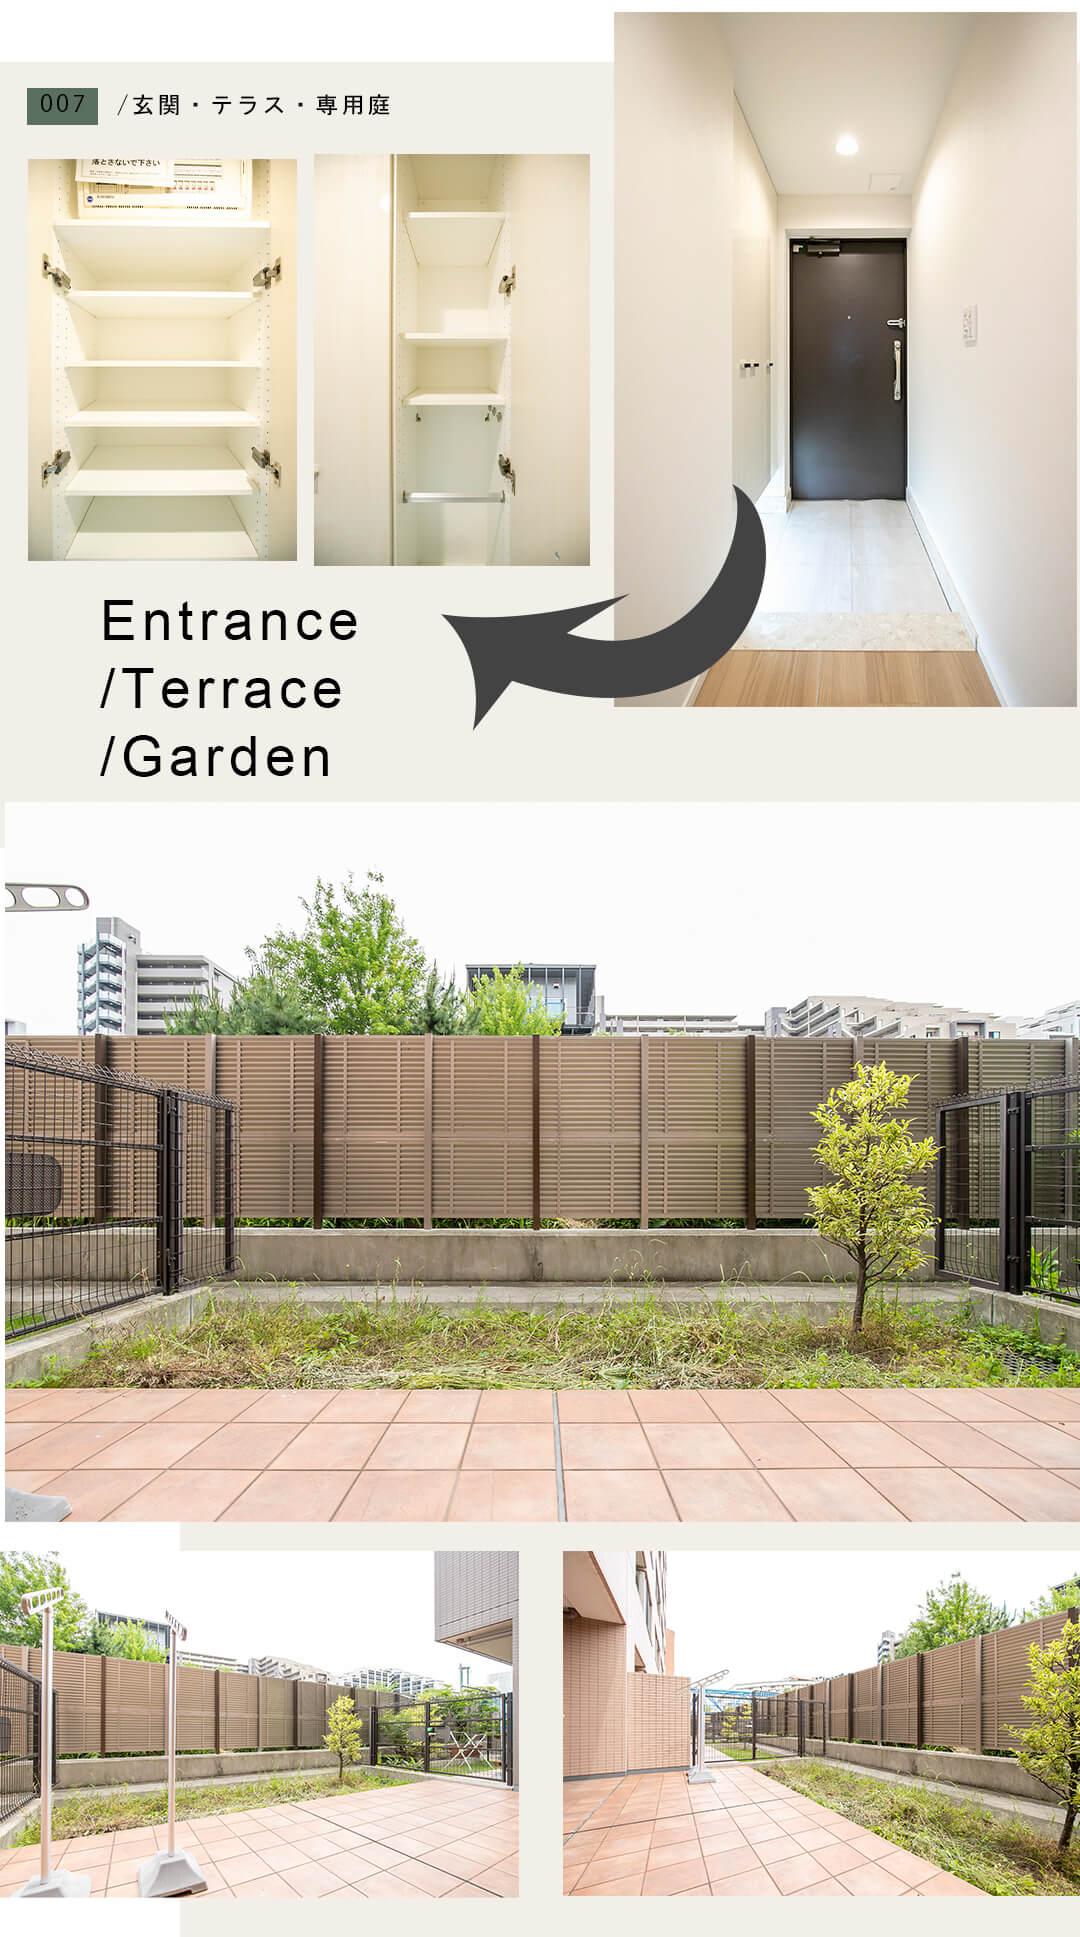 007玄関,テラス,専用庭,Entrance,Terrace,Garden